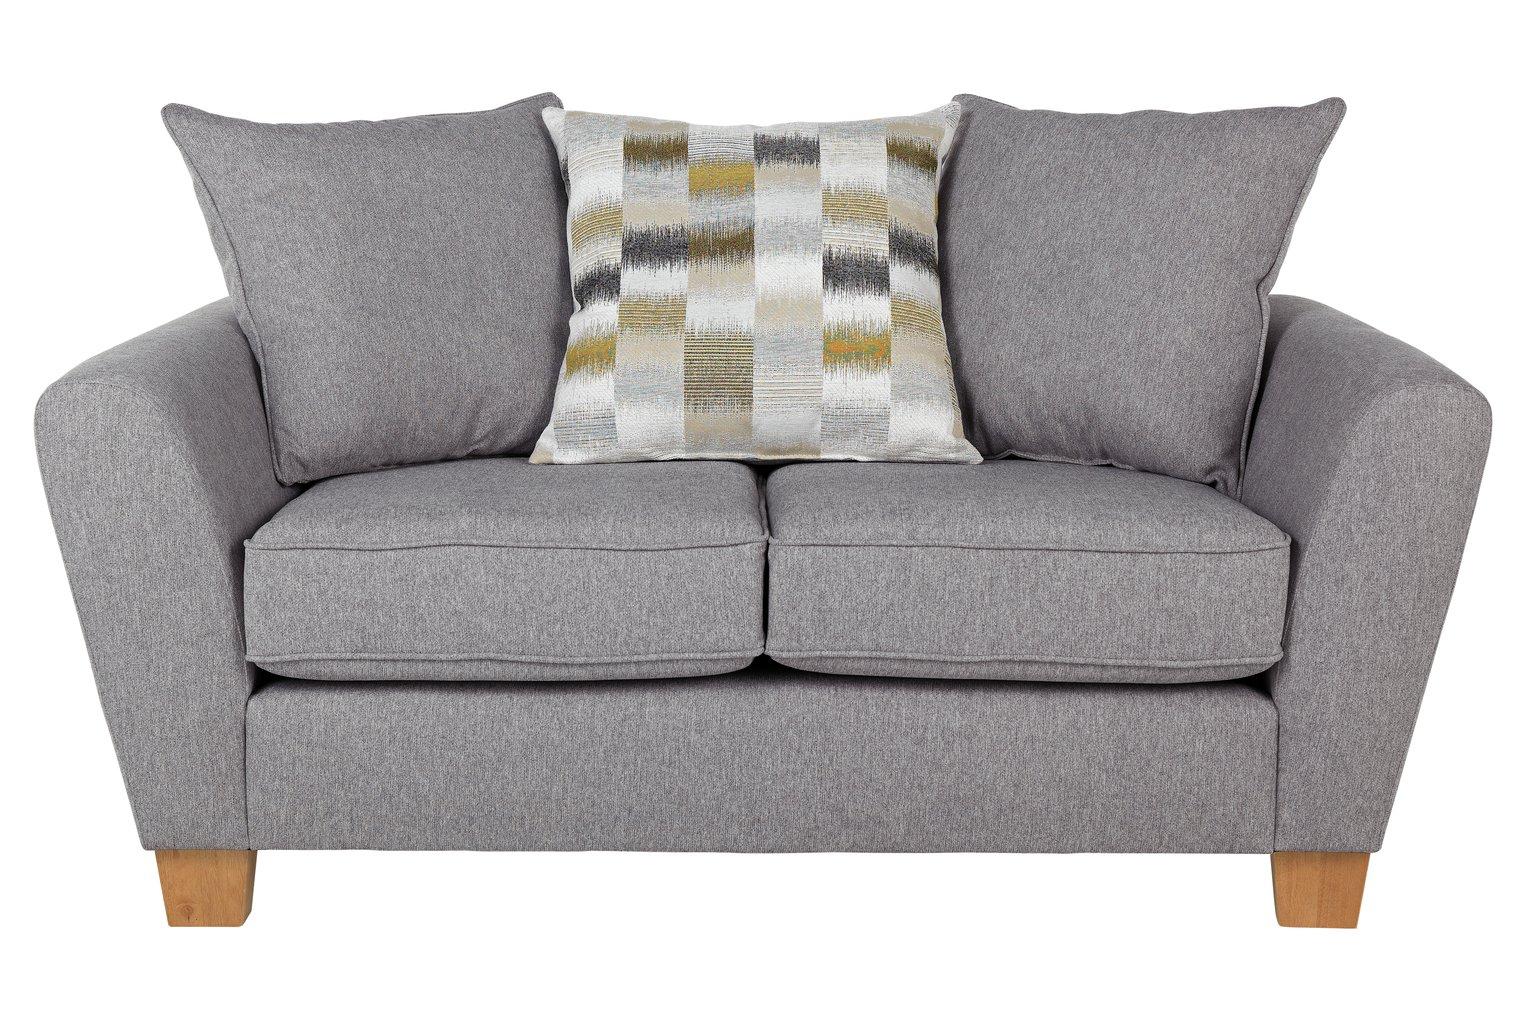 Argos Home Auria 2 Seater Fabric Sofa review